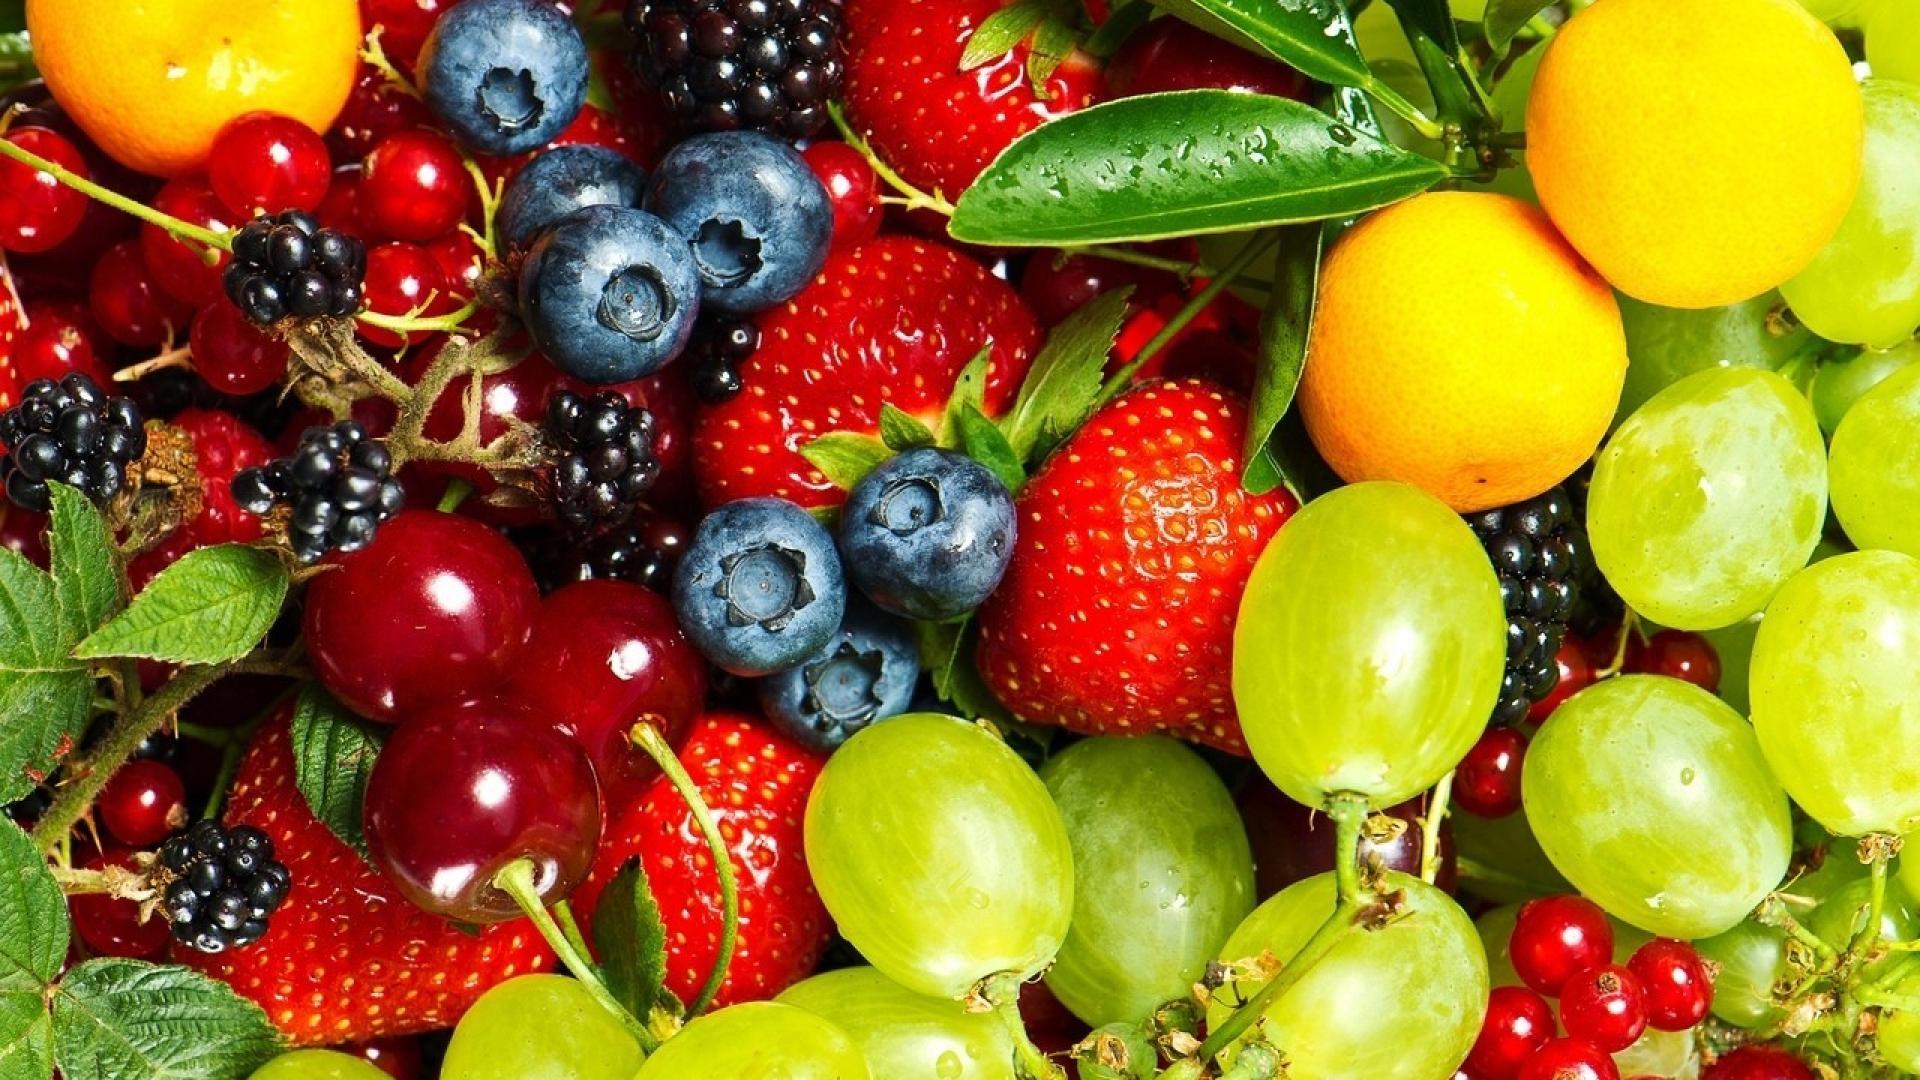 Fruits food cherries grapes strawberries berries blueberries wallpaper